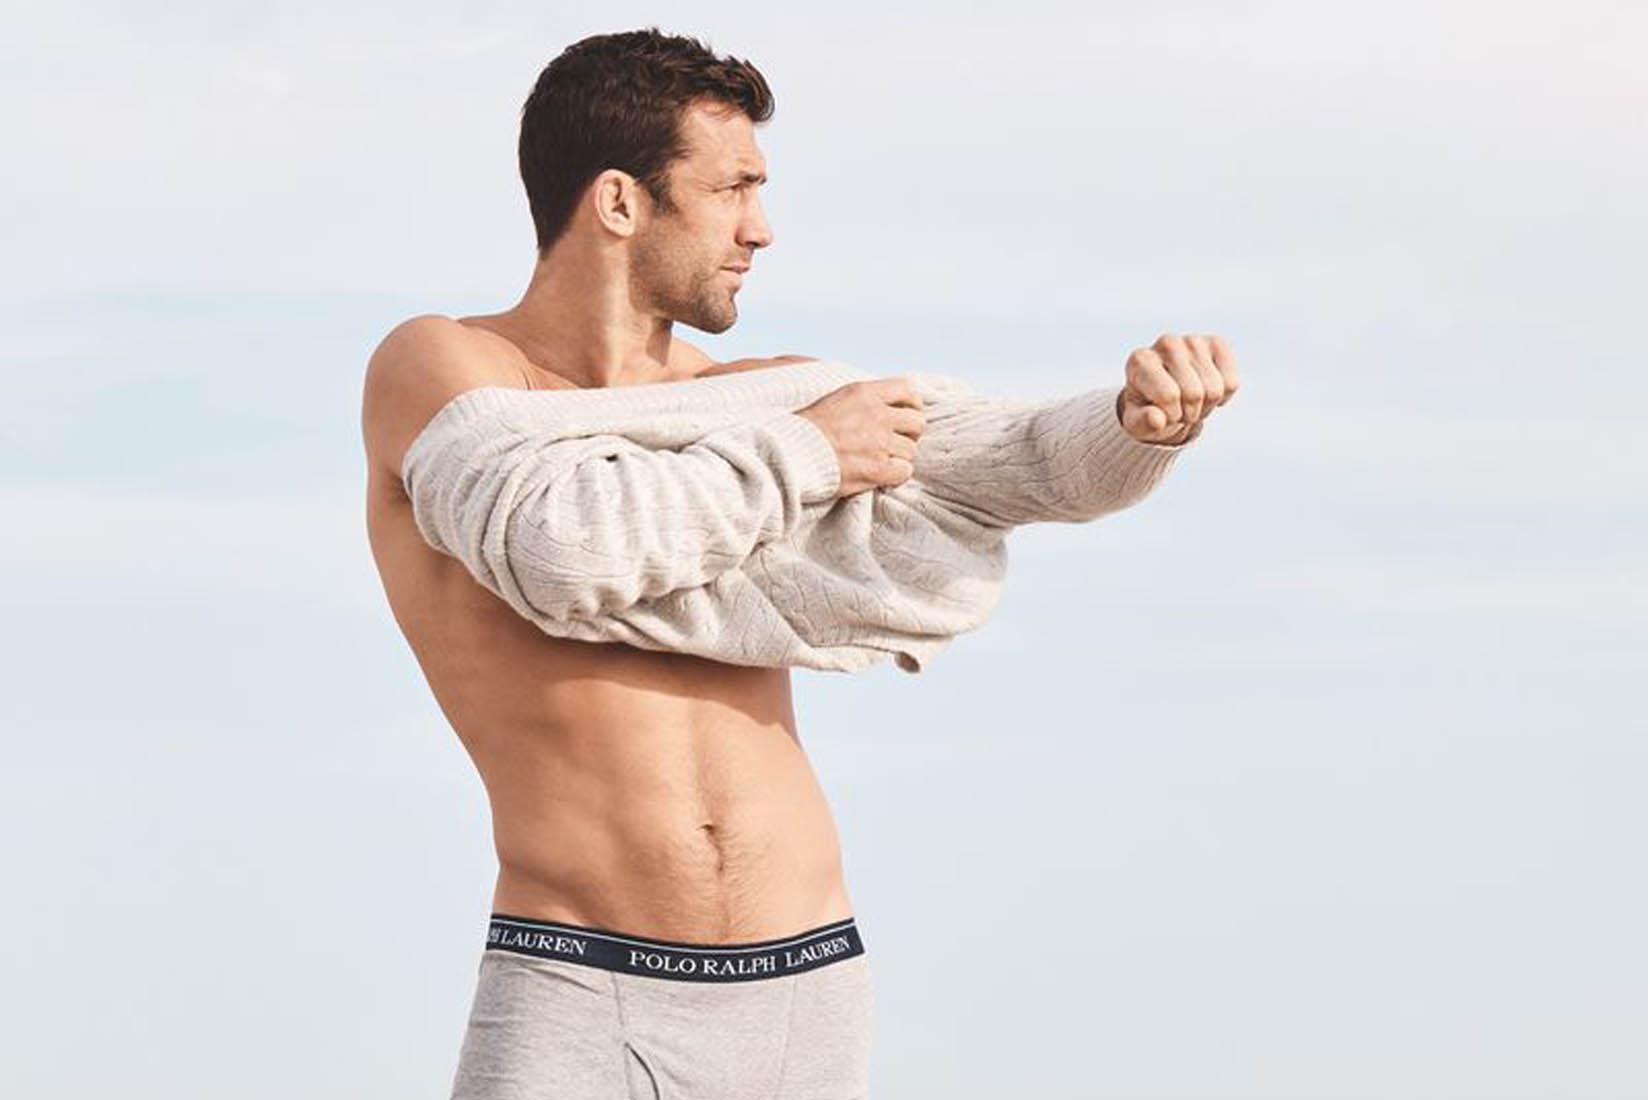 best underwear men polo ralph lauren review Luxe Digital